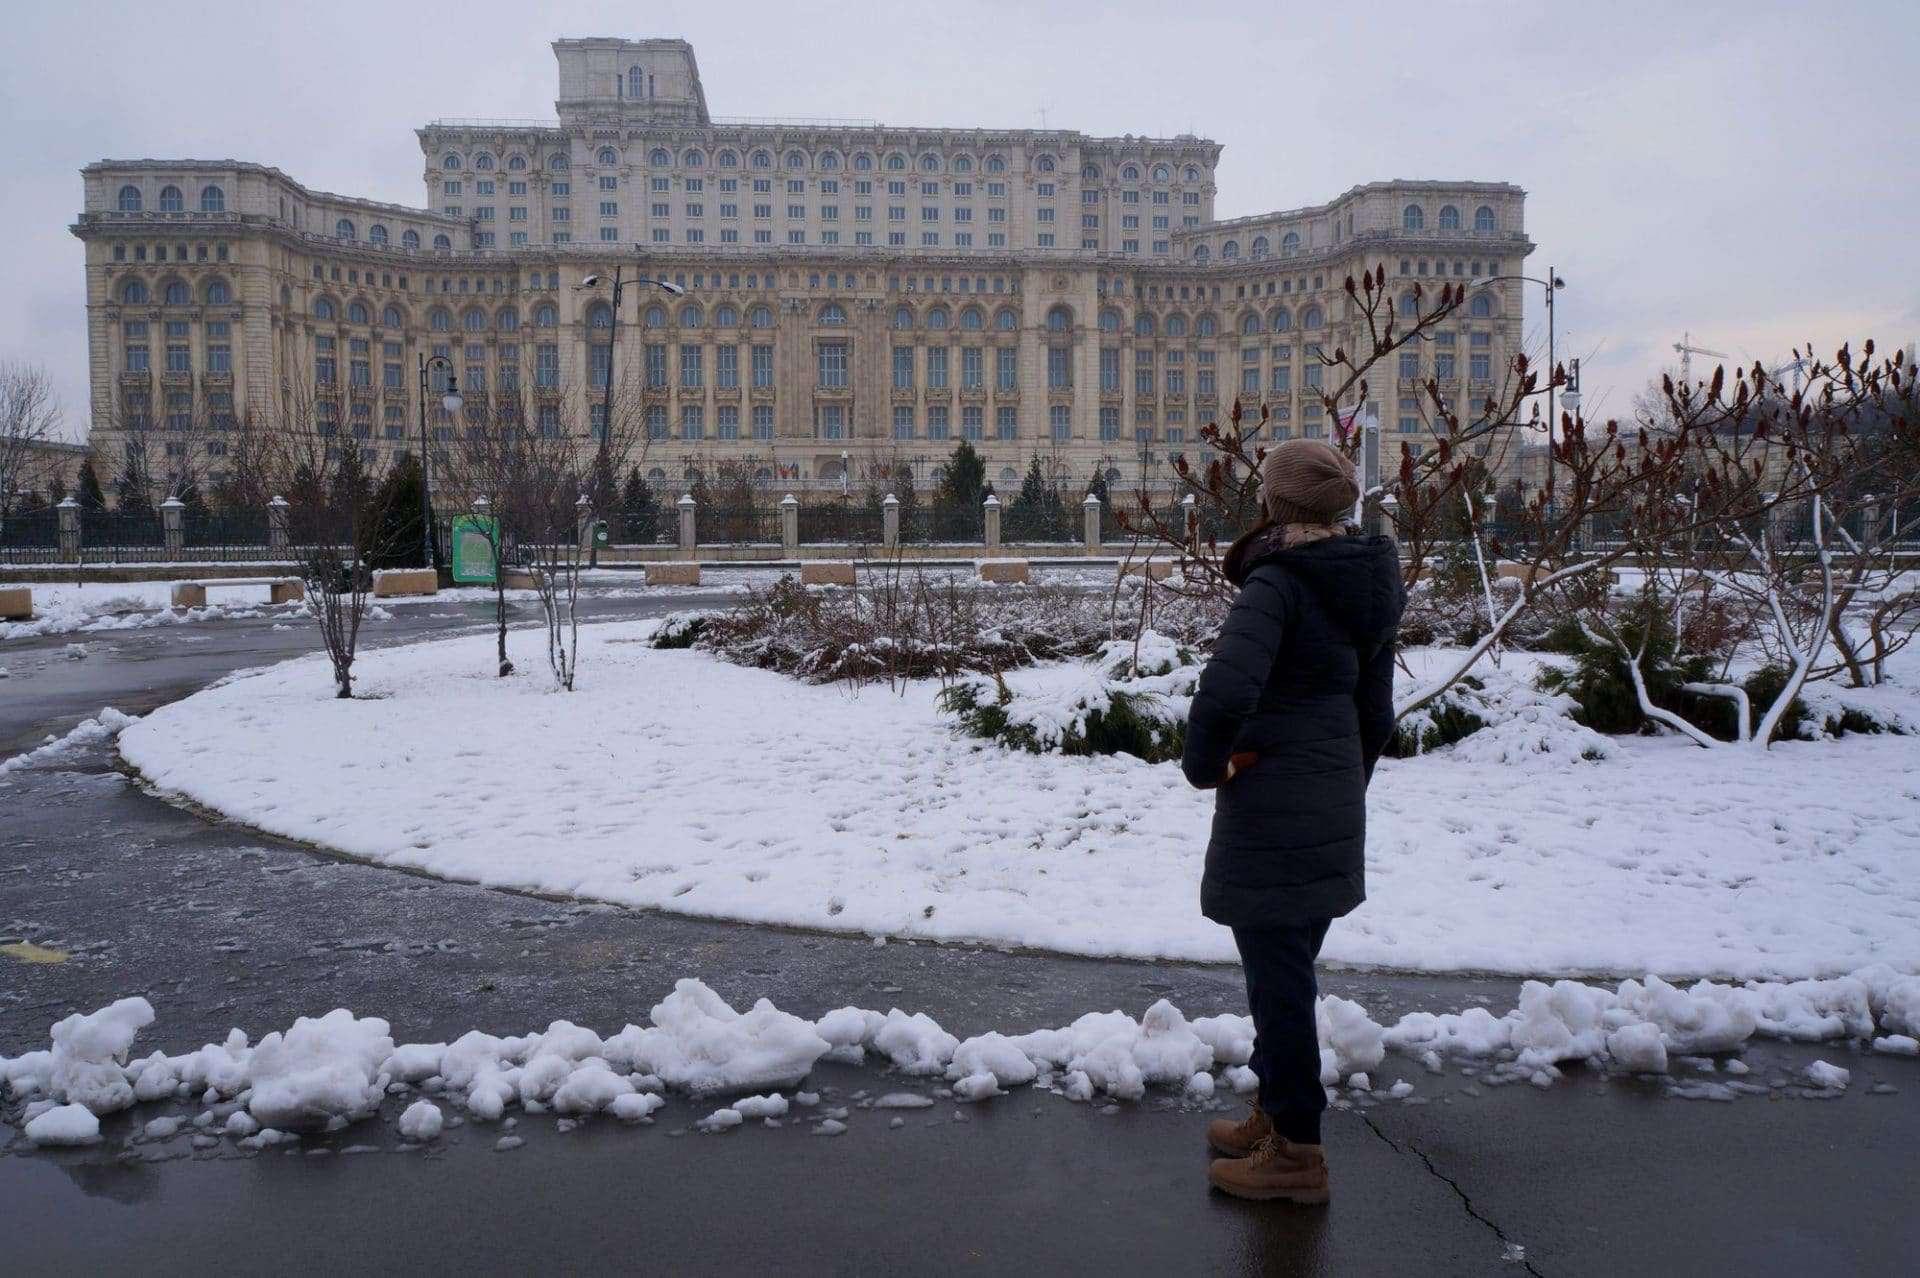 A due passi dal Parlamento di Bucarest, simbolo della Romania di Ceauşescu